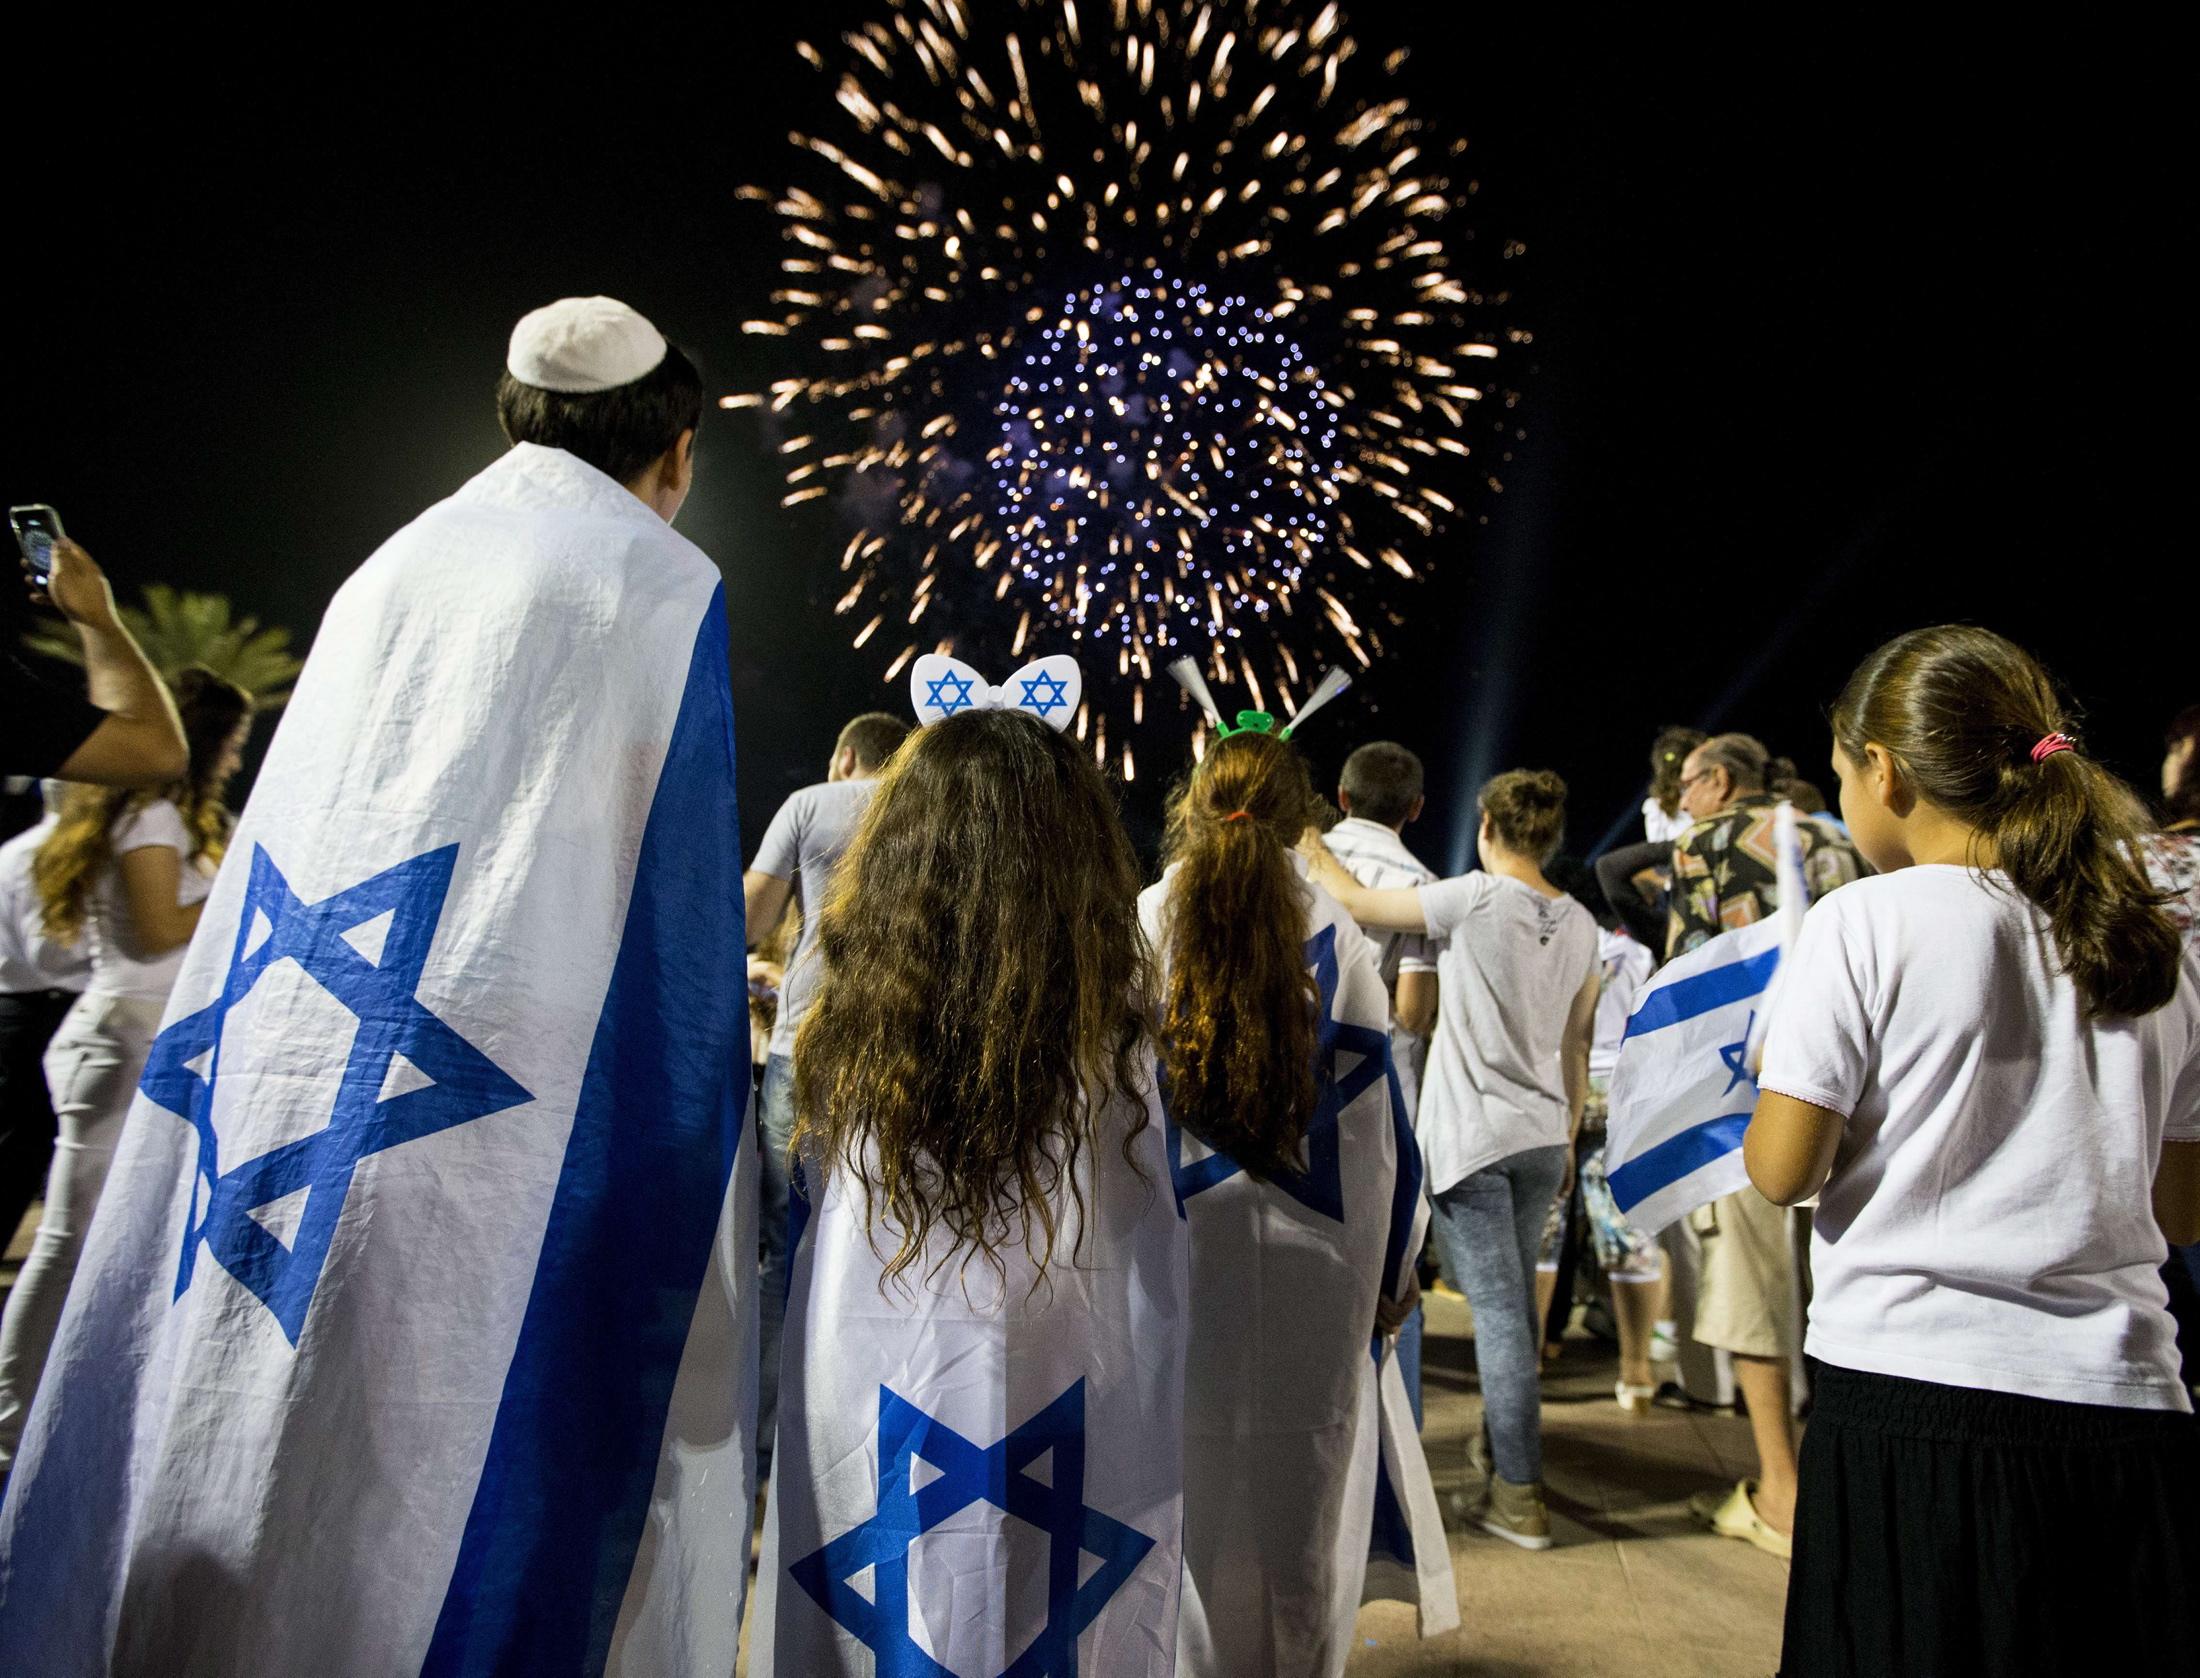 ٢٠١٥: اقتصاد إسرائيلي قوي، ولكن …